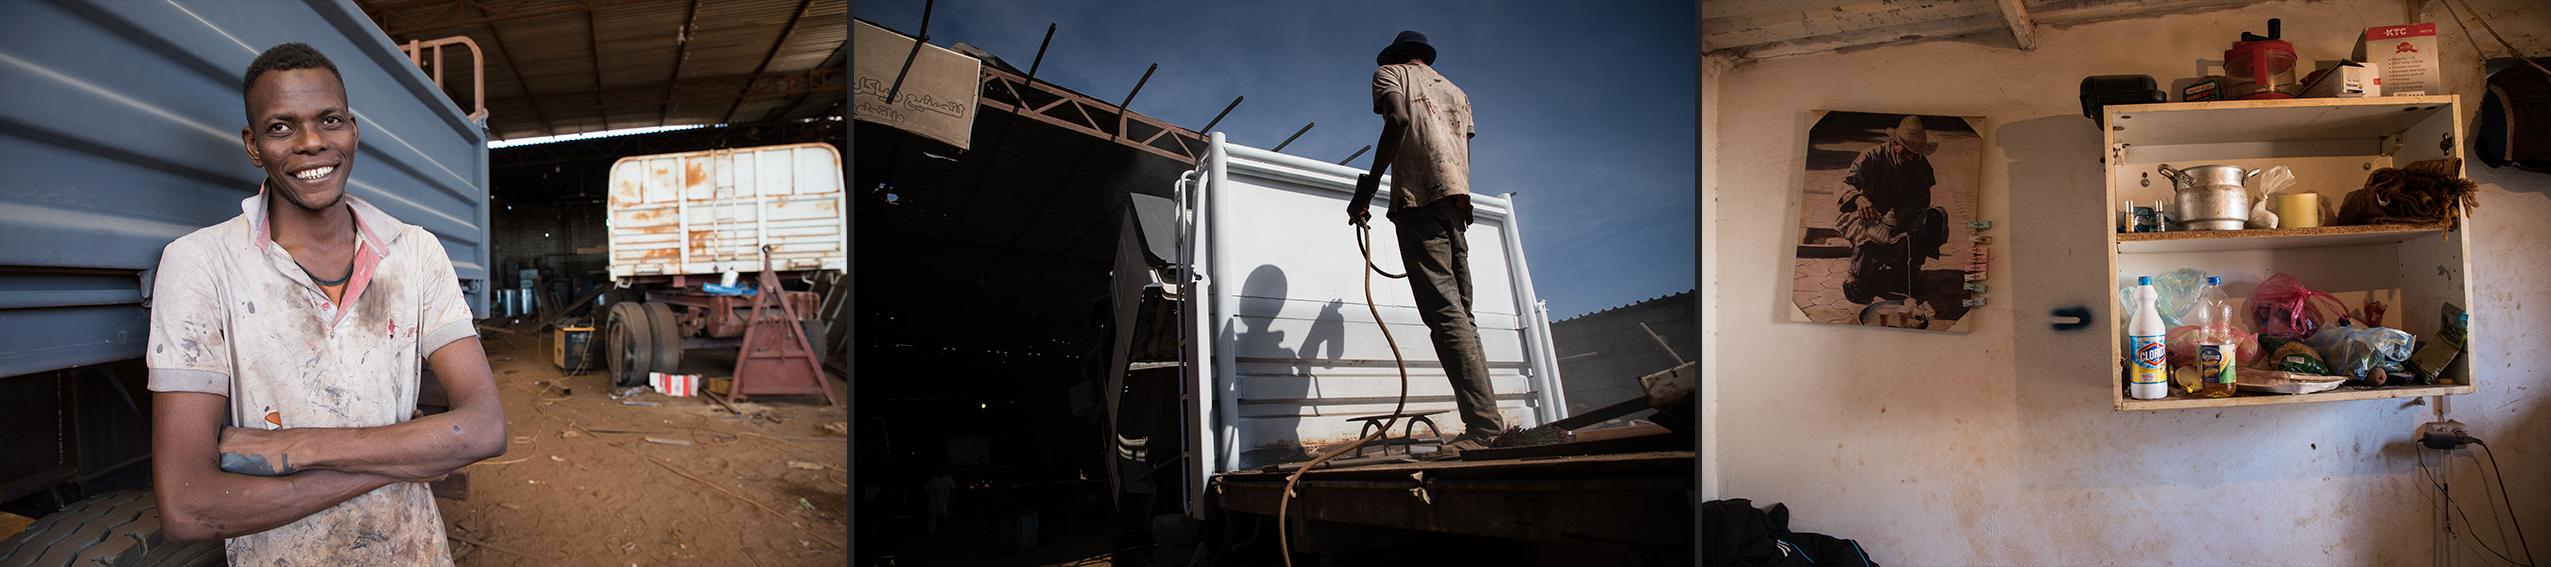 «Cela fait 2 ans que je vis entre les quatre murs du garage où je travaille, dans la peur constante de me faire arrêter et renvoyer en prison. Moi c'est Moussa. J'ai 26 ans et suis originaire de Kayes au Mali. Je vis à Misrata et ne peux pas prendre le risque de me déplacer, parce que je suis sans papiers. Après avoir quitté ma ville d'origine, je me suis rendu à Bamako dans l'espoir d'y trouver du travail–sans succès. J'ai alors rejoint l'Algérie où, pendant un an, j'ai travaillé comme soudeur dans la région de l'Adrar. Puis j'ai continué la traversée du Sahara, une route terriblement dangereuse. J'avais peur d'être fait prisonnier ou tué. Arrivé à Deb Deb, je suis passé en Libye. On m'a volé mon sac et mes papiers à la frontière ; on m'a envoyé au centre de détention de Tajoura à Tripoli.Je suis parvenu à en sortir parce que ma famille s'est cotisée pour payer les 2500 dinars nécessaires à ma libération. J'ai pu enfin rejoindre mon frère qui se trouvait à Misrata et commencé à travailler en tant que peintre dans le même garage que lui. Je suis payé à la tâche mais le travail se fait de plus en plus rare. La dernière fois, j'ai passé deux semaines sans qu'on m'en fournisse. Heureusement que je suis logé gratuitement au garage, sinon je ne sais pas comment je pourrais m'en sortir.»Moussa, Malien, 26 ans.